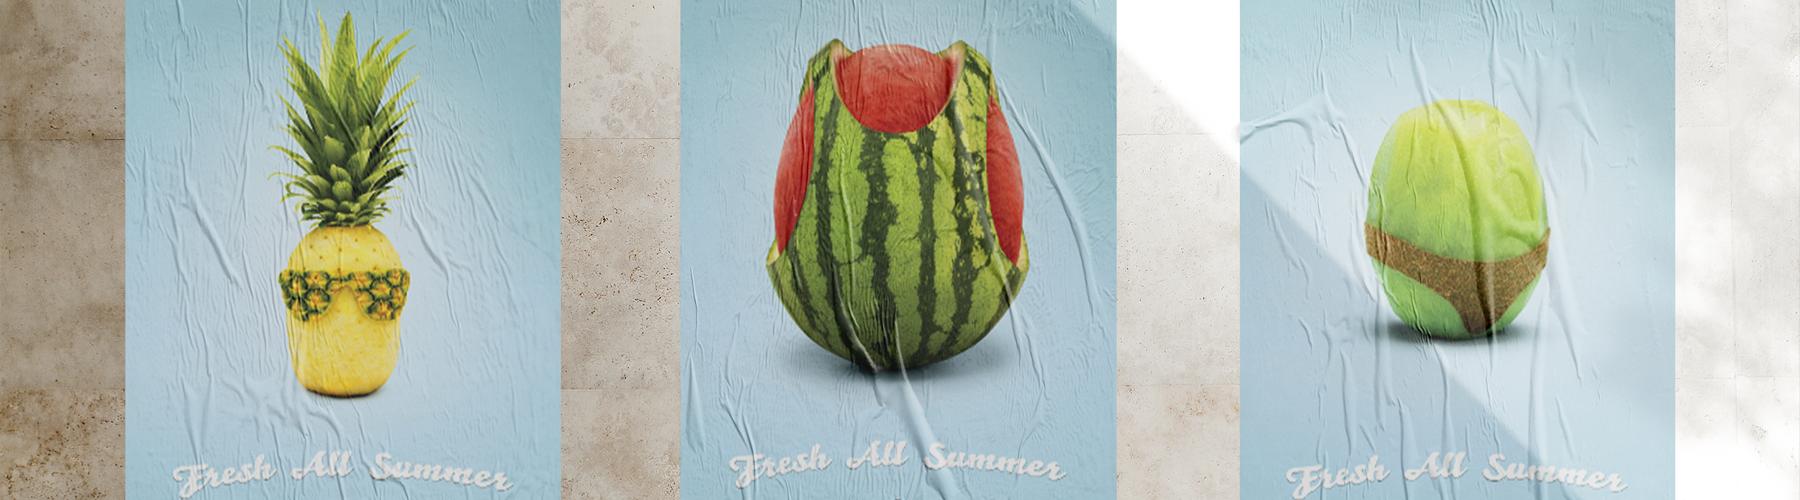 9 Creativas Campañas de Marketing de Verano